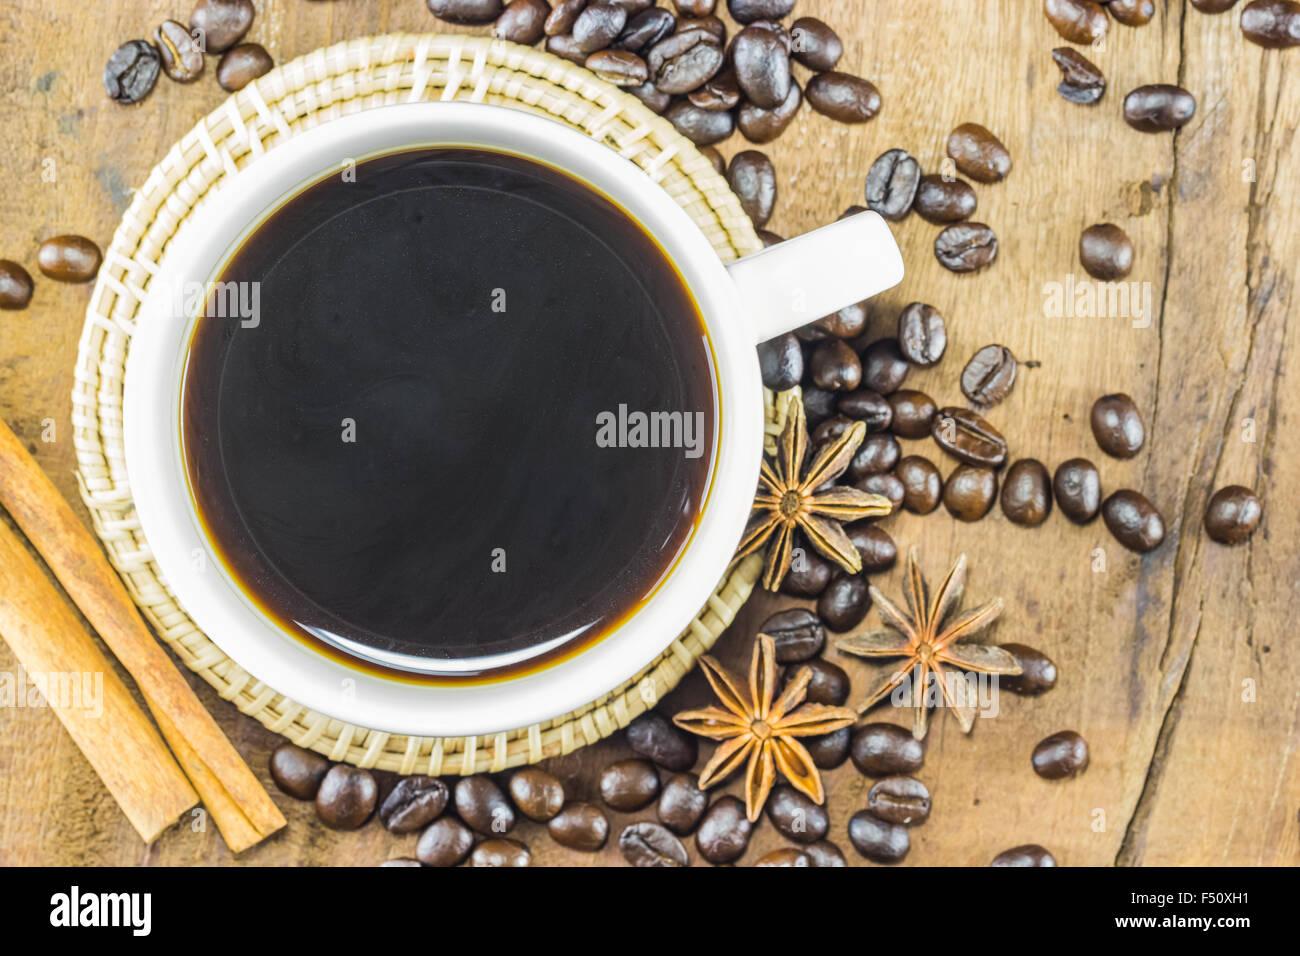 En la taza de café con granos de café y Canela palos de madera, cálidos tonos de fondo, el enfoque Imagen De Stock